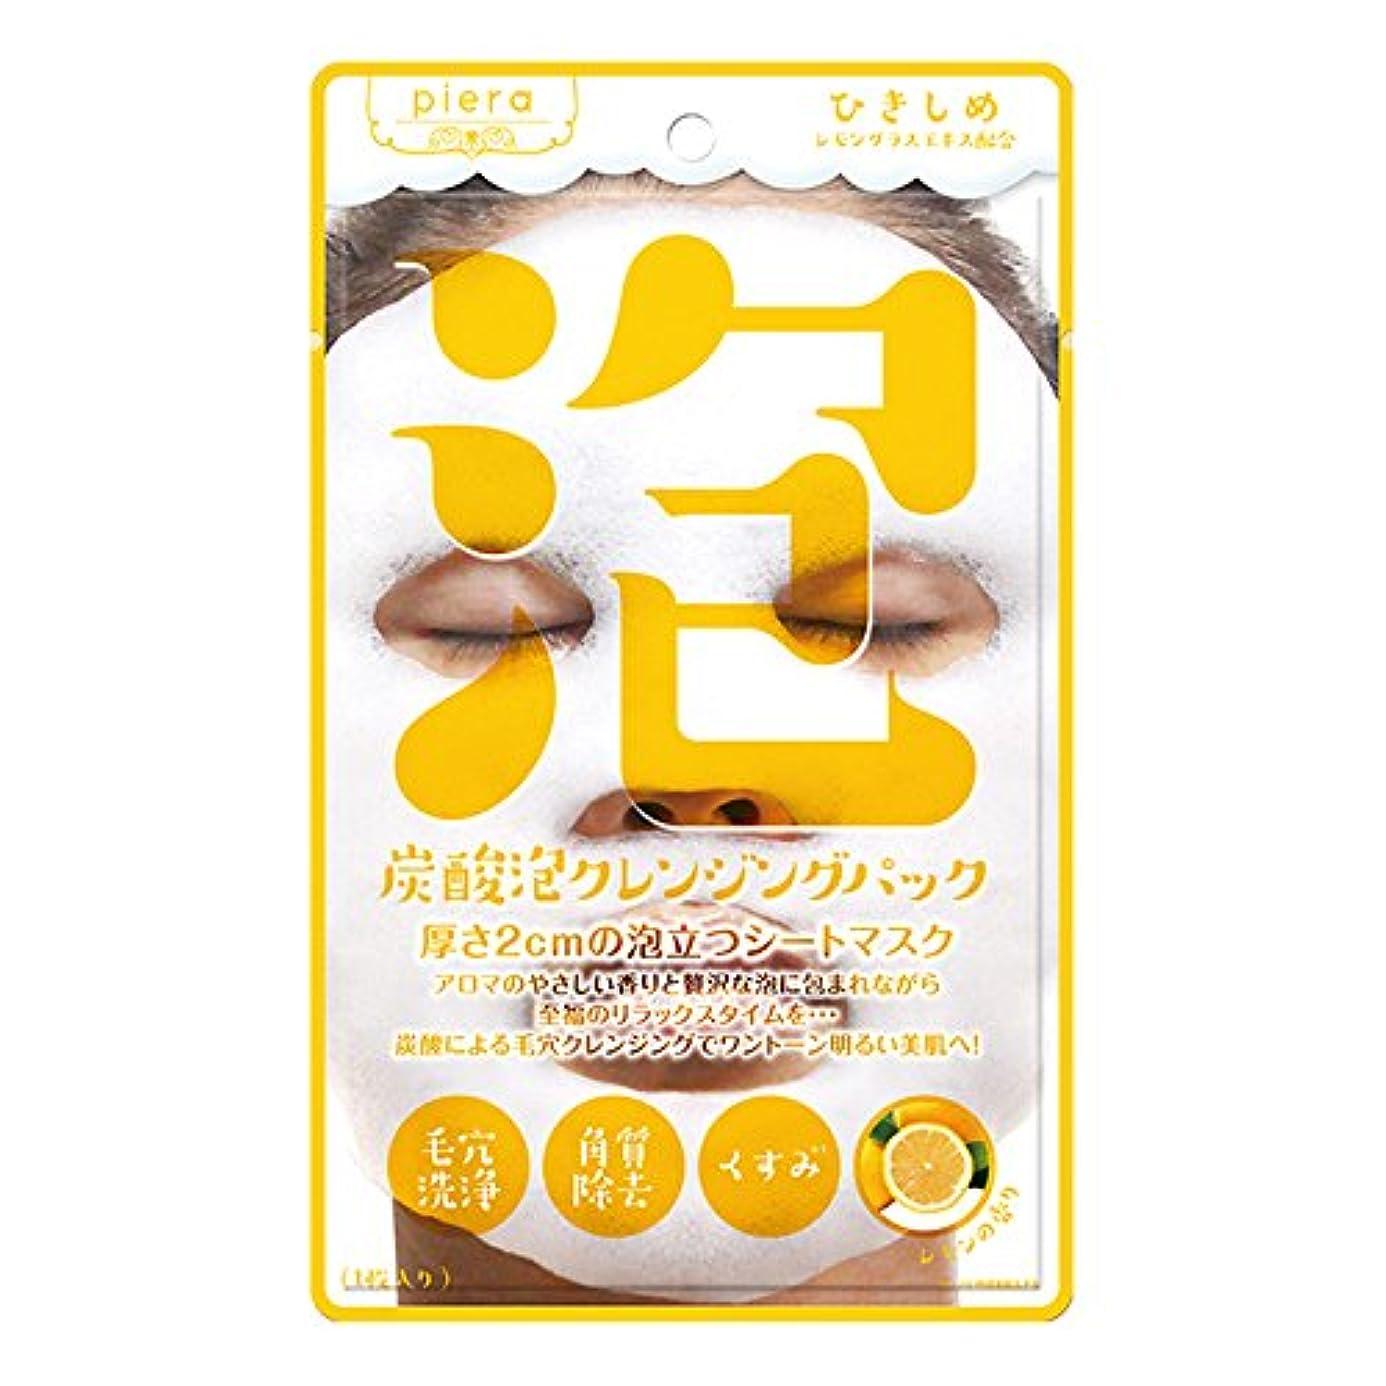 複数ファーザーファージュ埋めるピエラ 炭酸泡パック レモン 1枚